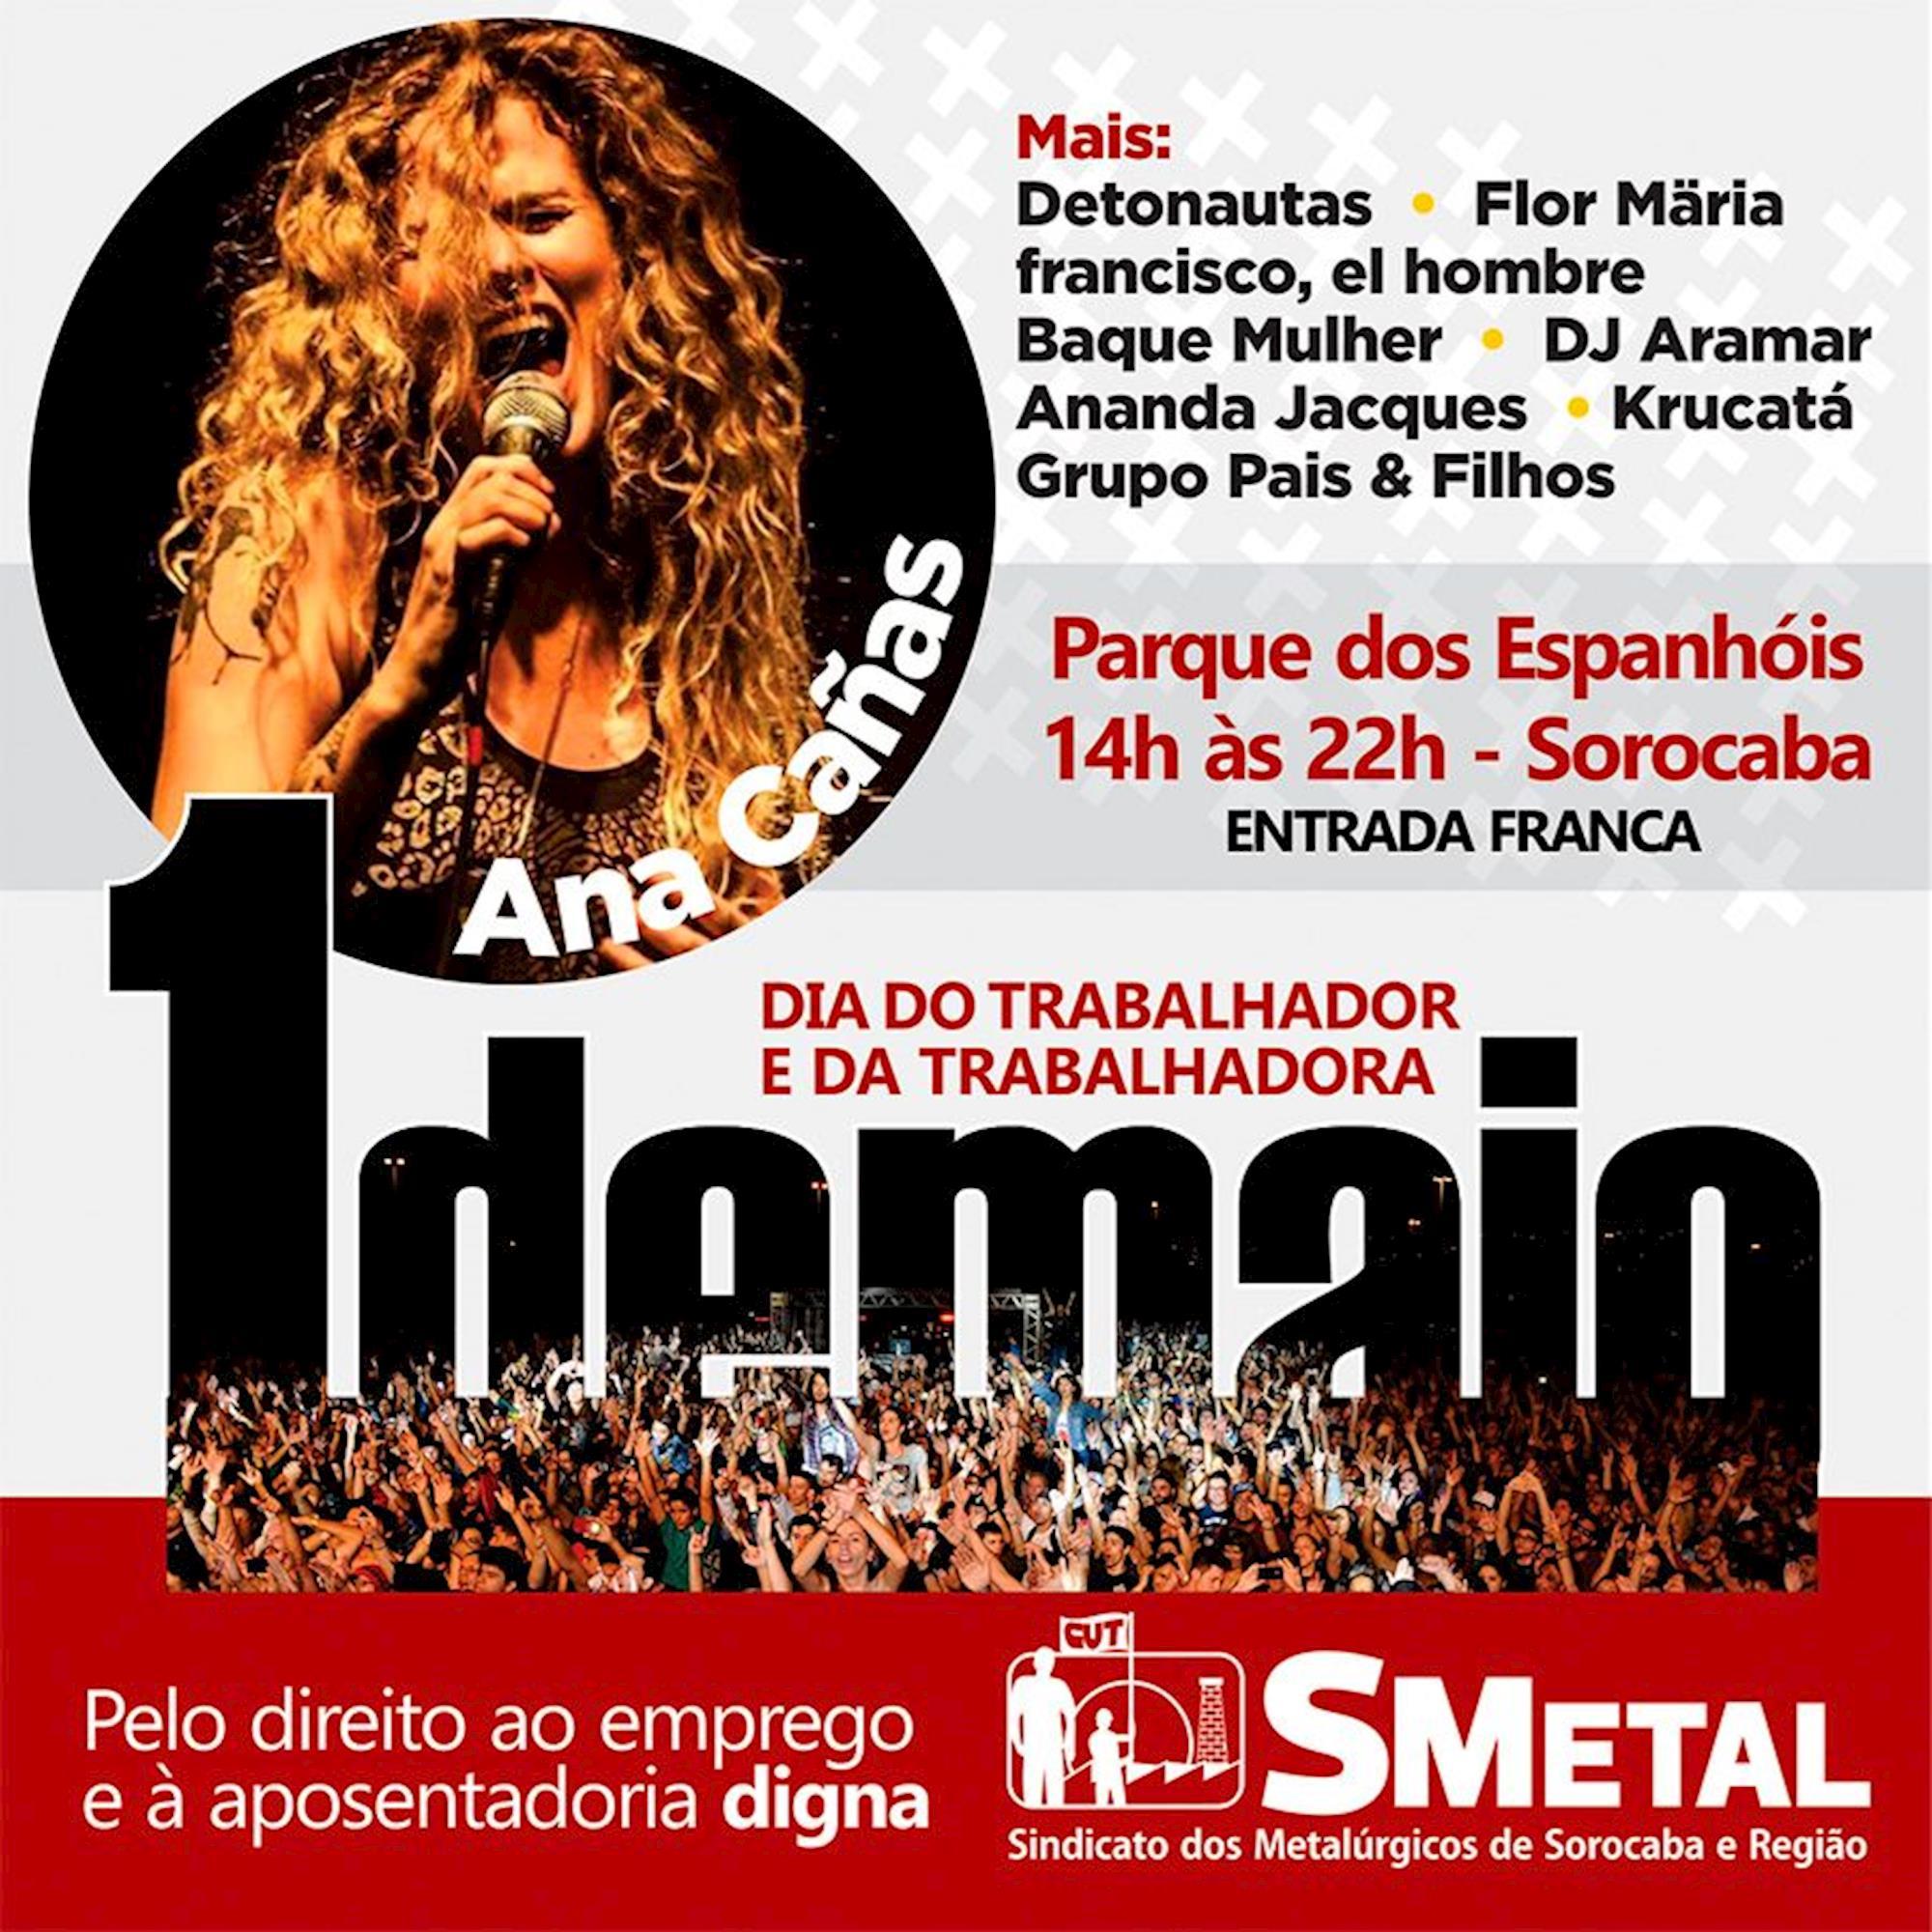 Ana, Cañas, trabalhador, musica, show, smetal, Divulgação